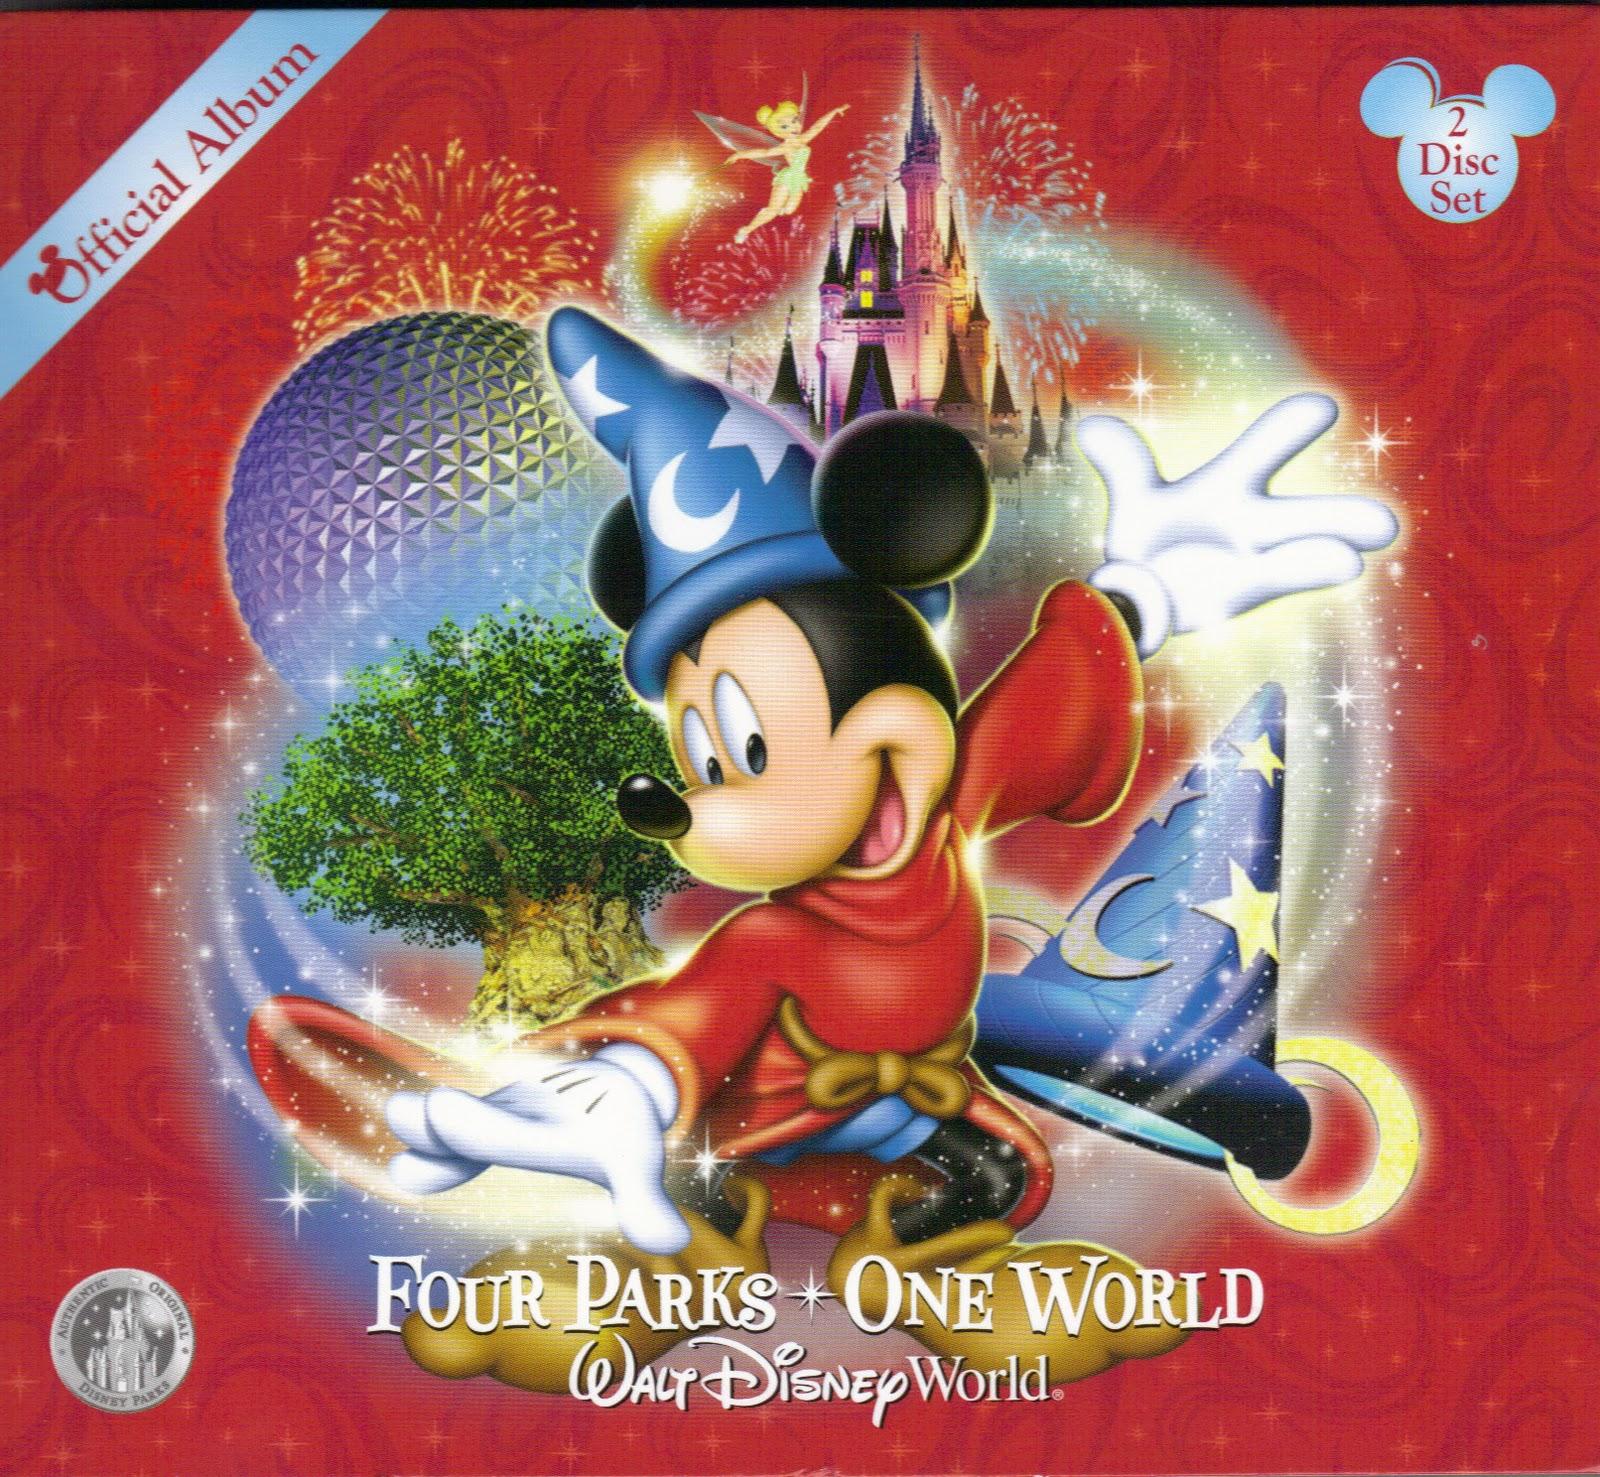 Walt Disney World Four Parks